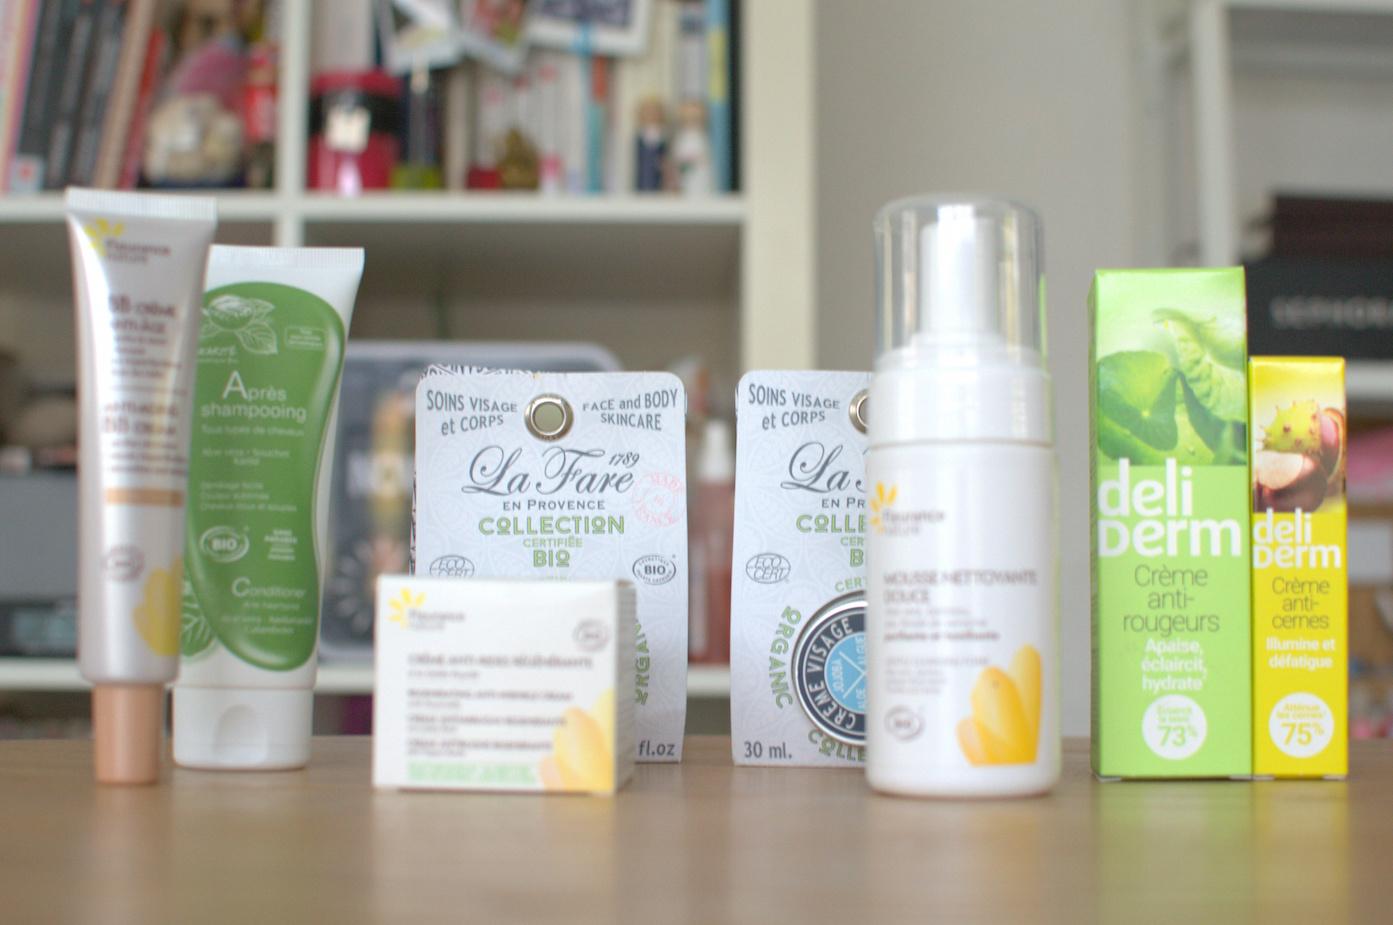 cosmetique bio efficacite